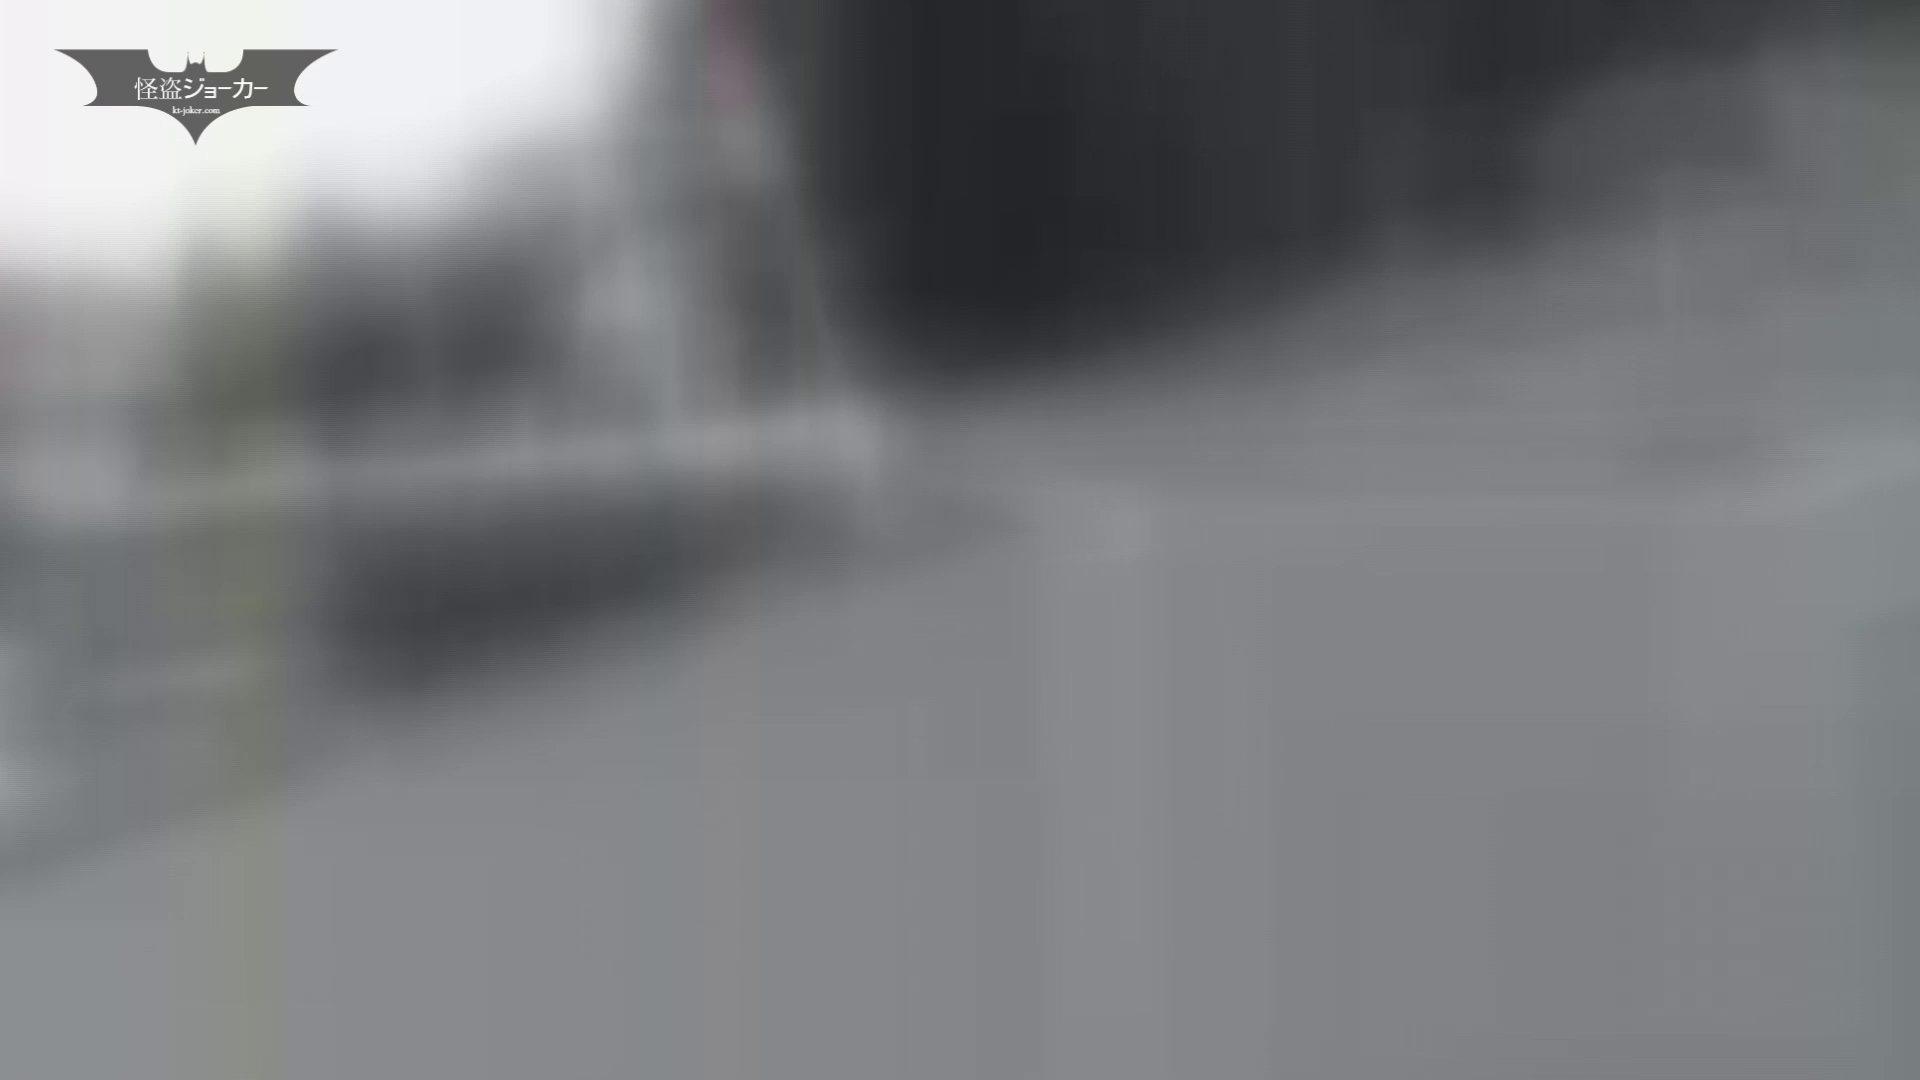 ヒトニアラヅNo.11 問答無用 実行 グループ アダルト動画キャプチャ 84画像 23